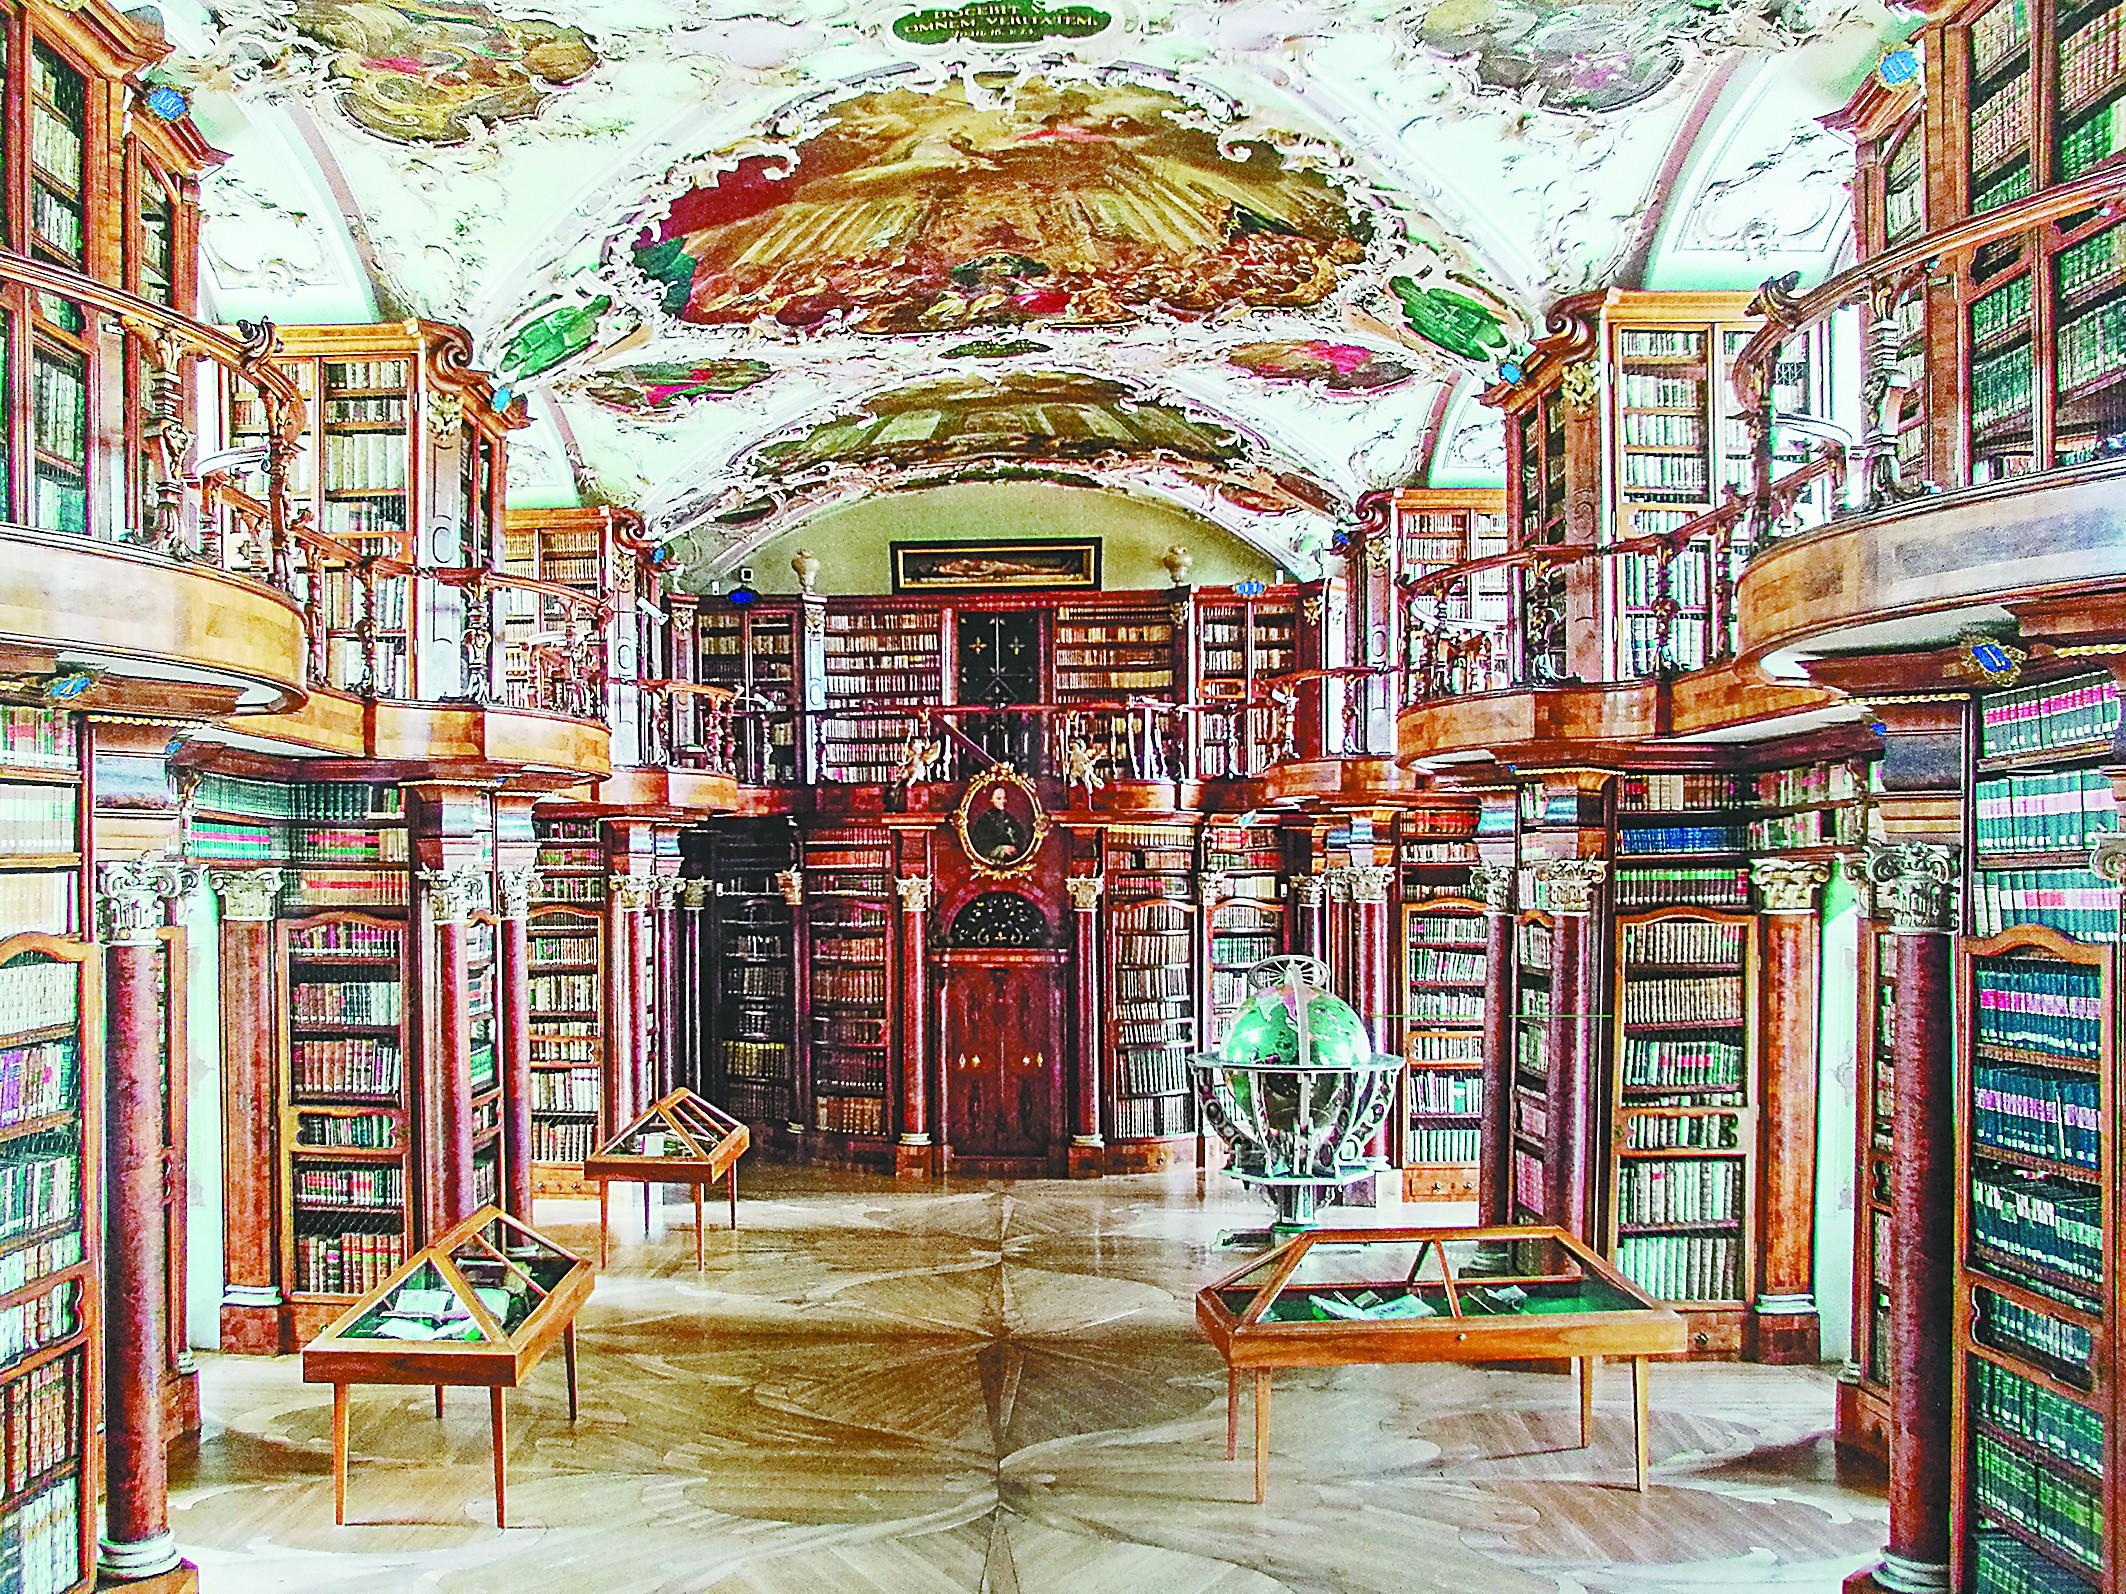 天堂应是图书馆的样子 在最美图书馆看最古老图书图片